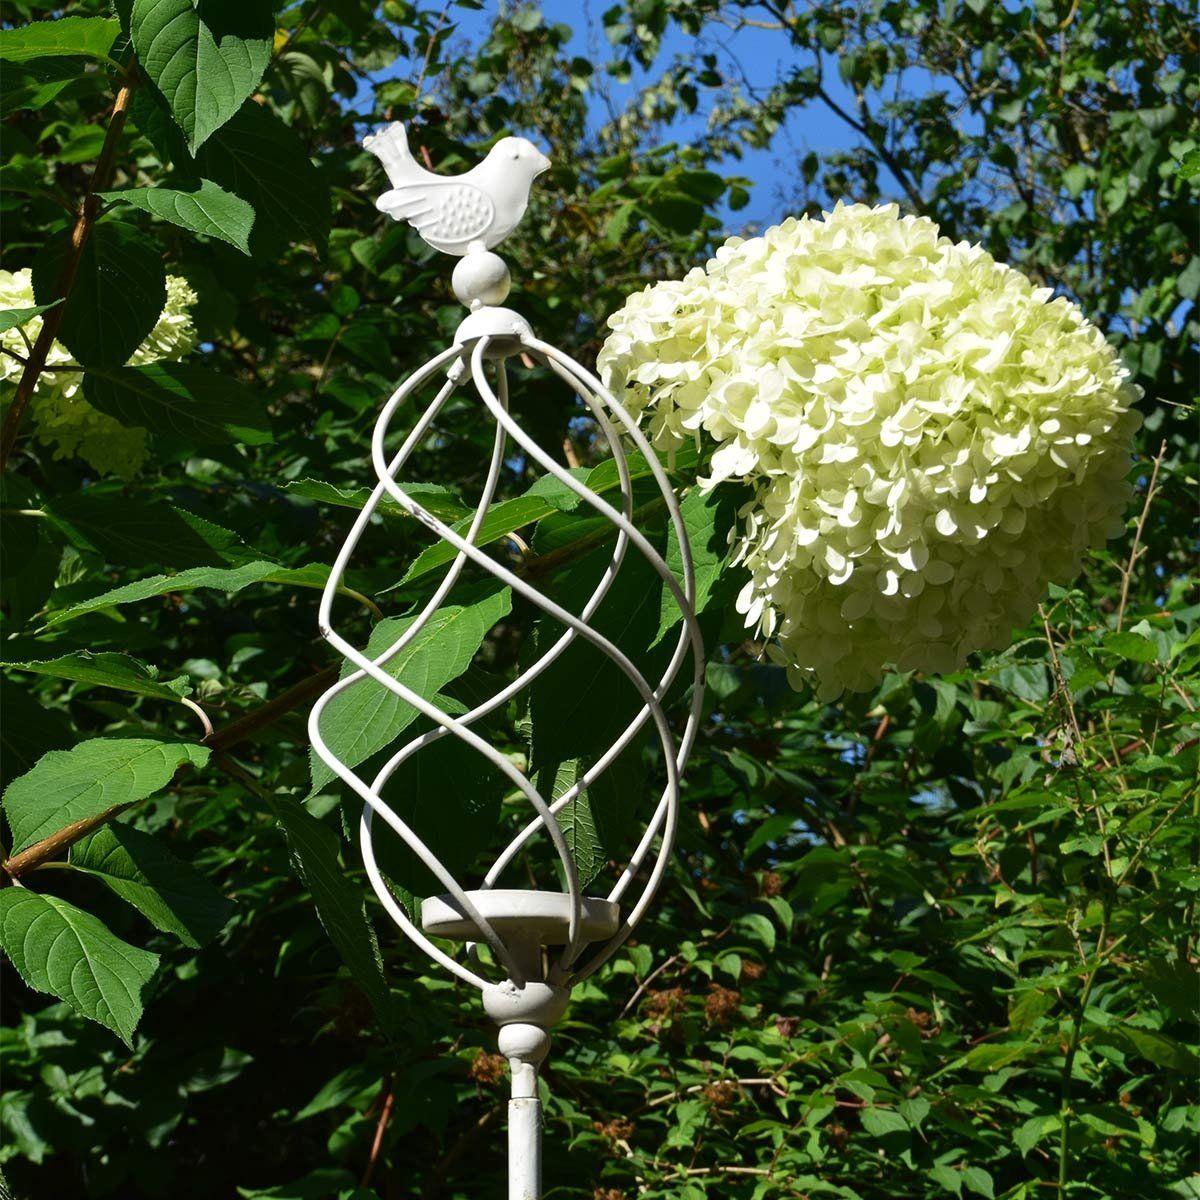 Gartenstab Corby Shop Landhaus Look Garten Deko Landhaus Dekoration Landhausstil